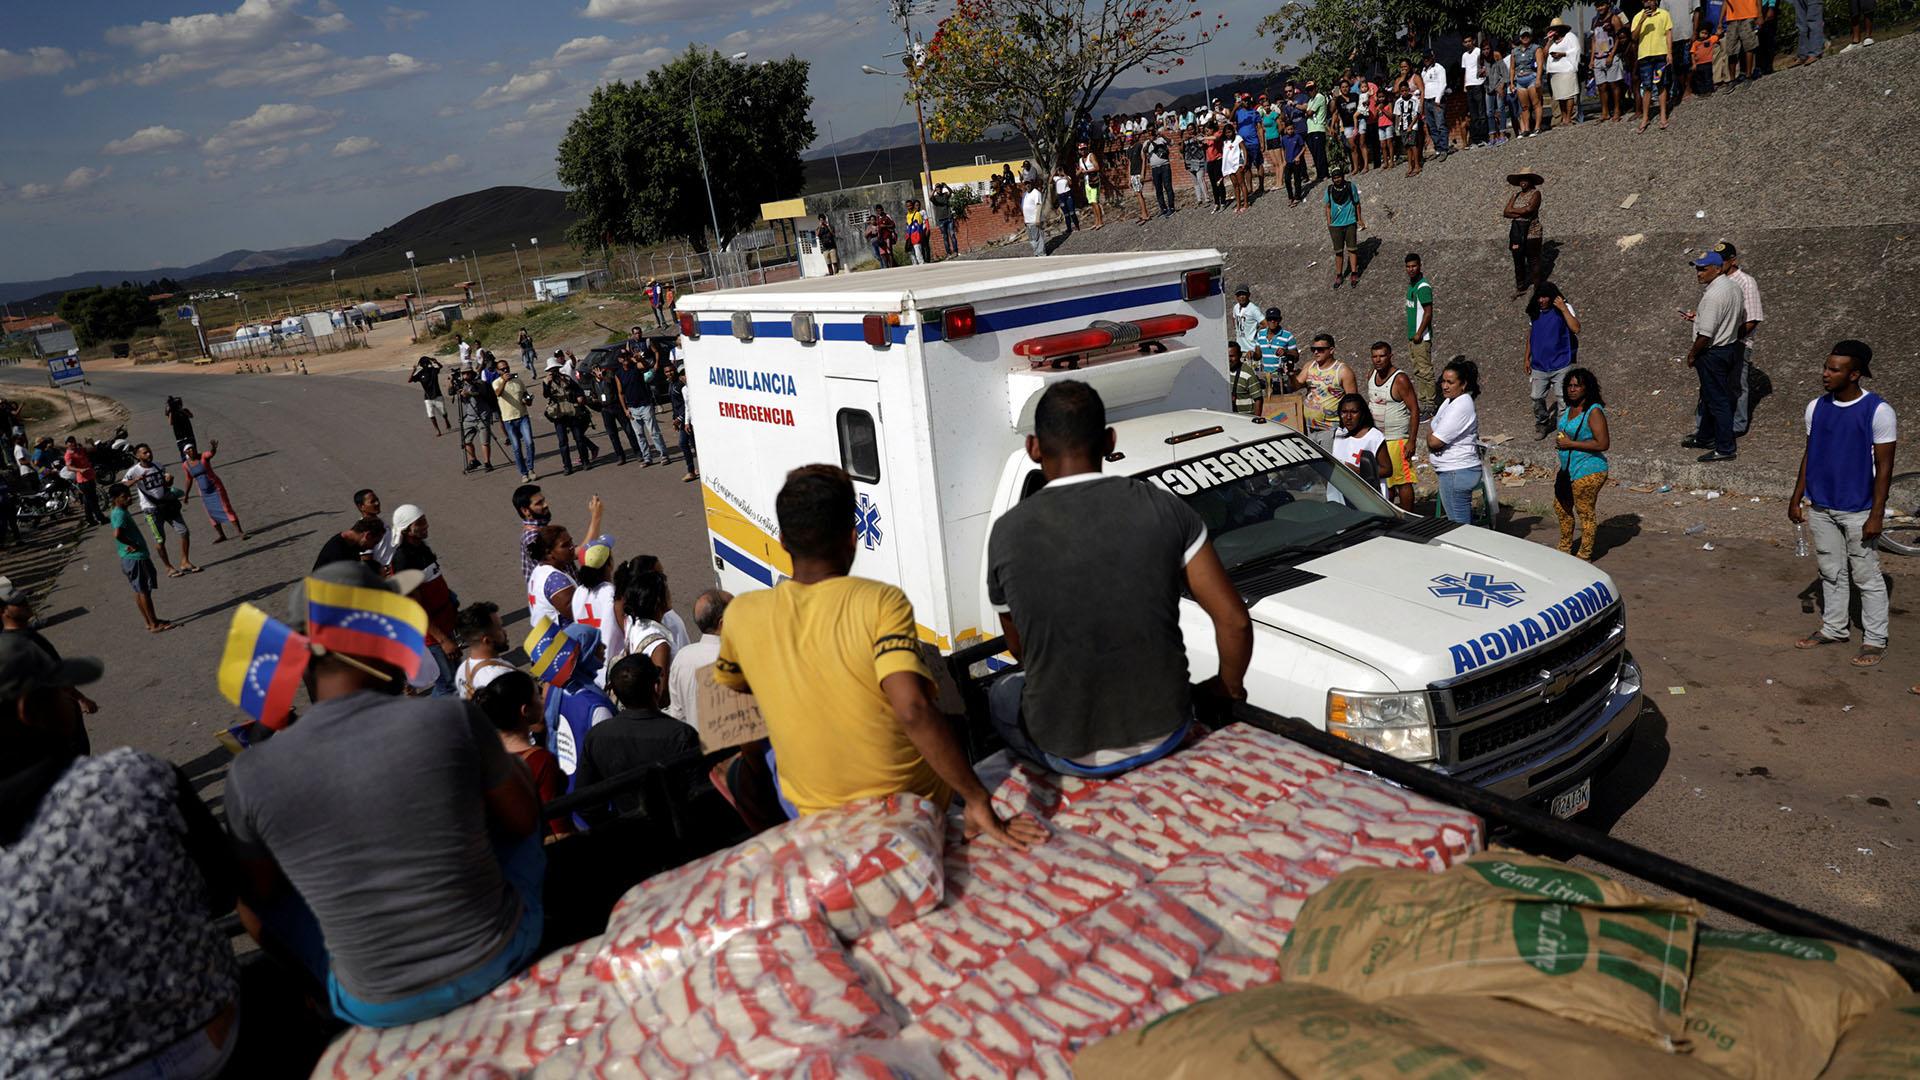 Una ambulancia que transporta personas heridas de Venezuela, pasa junto a un camión con ayuda humanitaria en la frontera entre Venezuela y Brasil en Pacaraima, Brasil (Reuters)